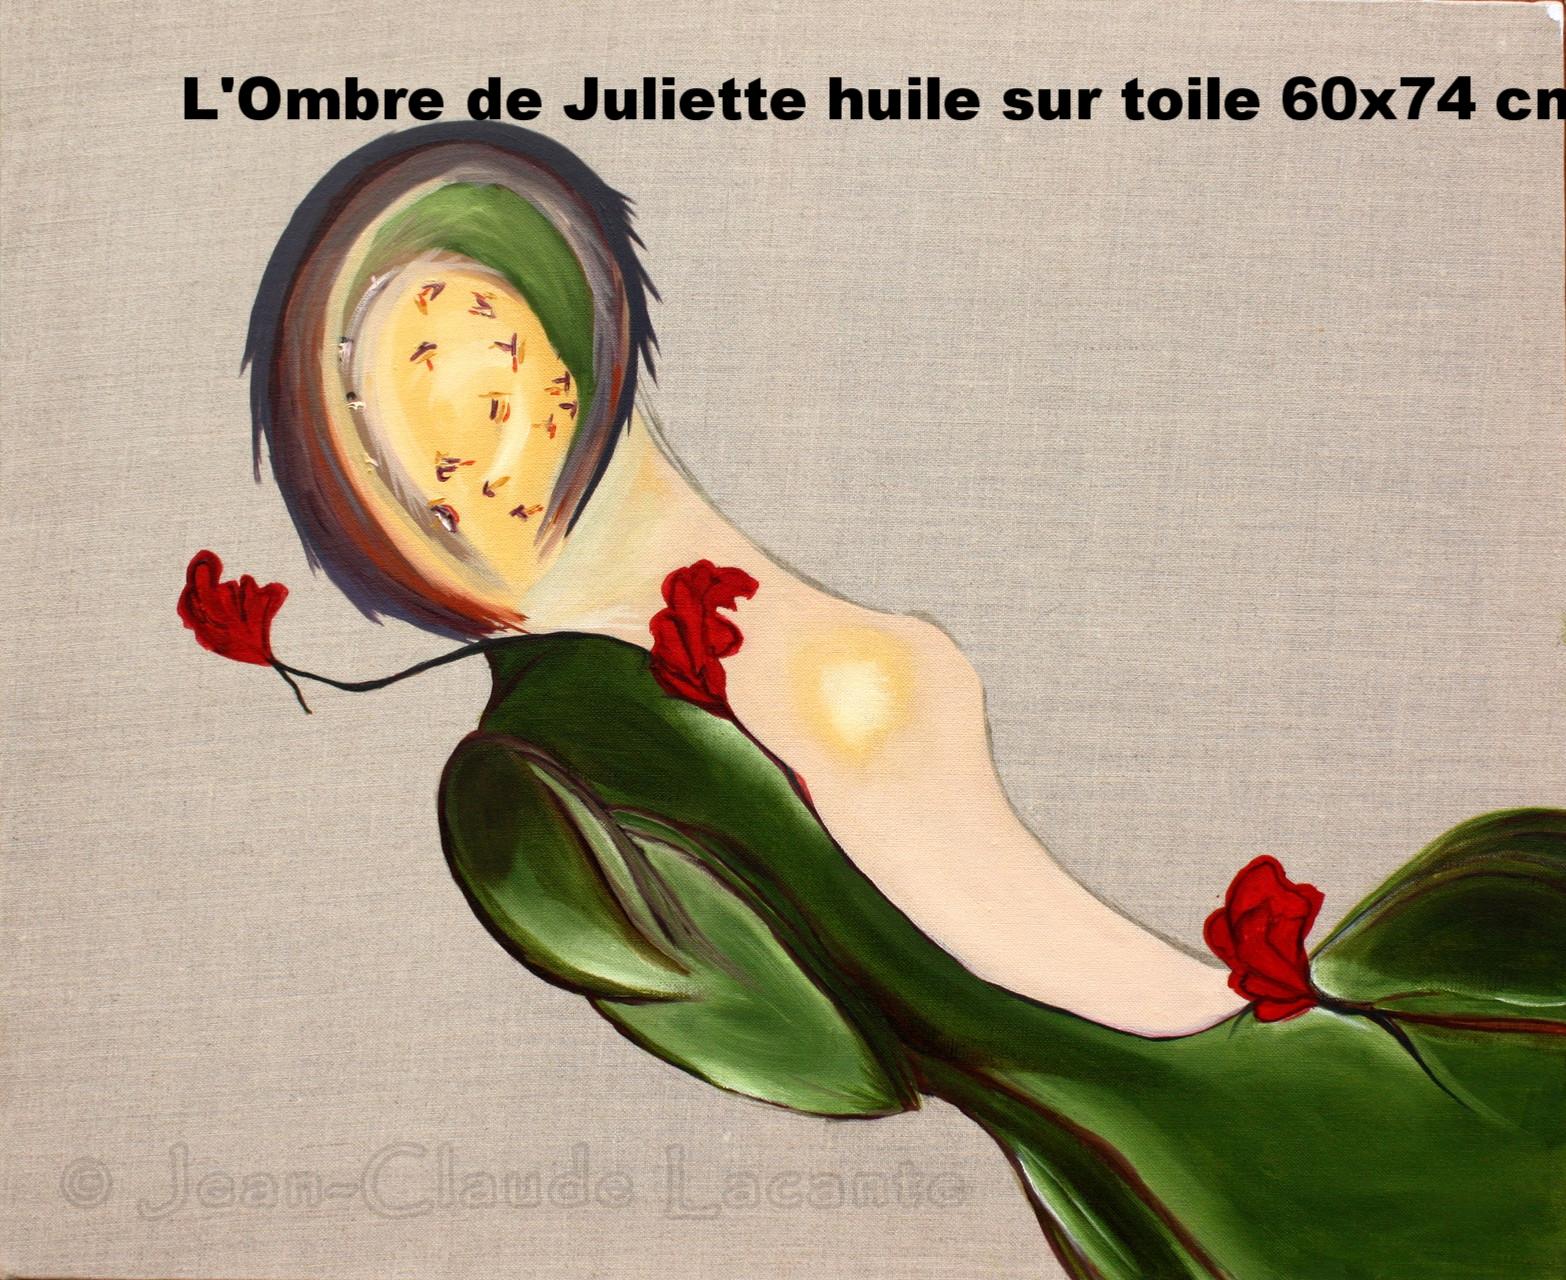 L'Ombre de Juliette